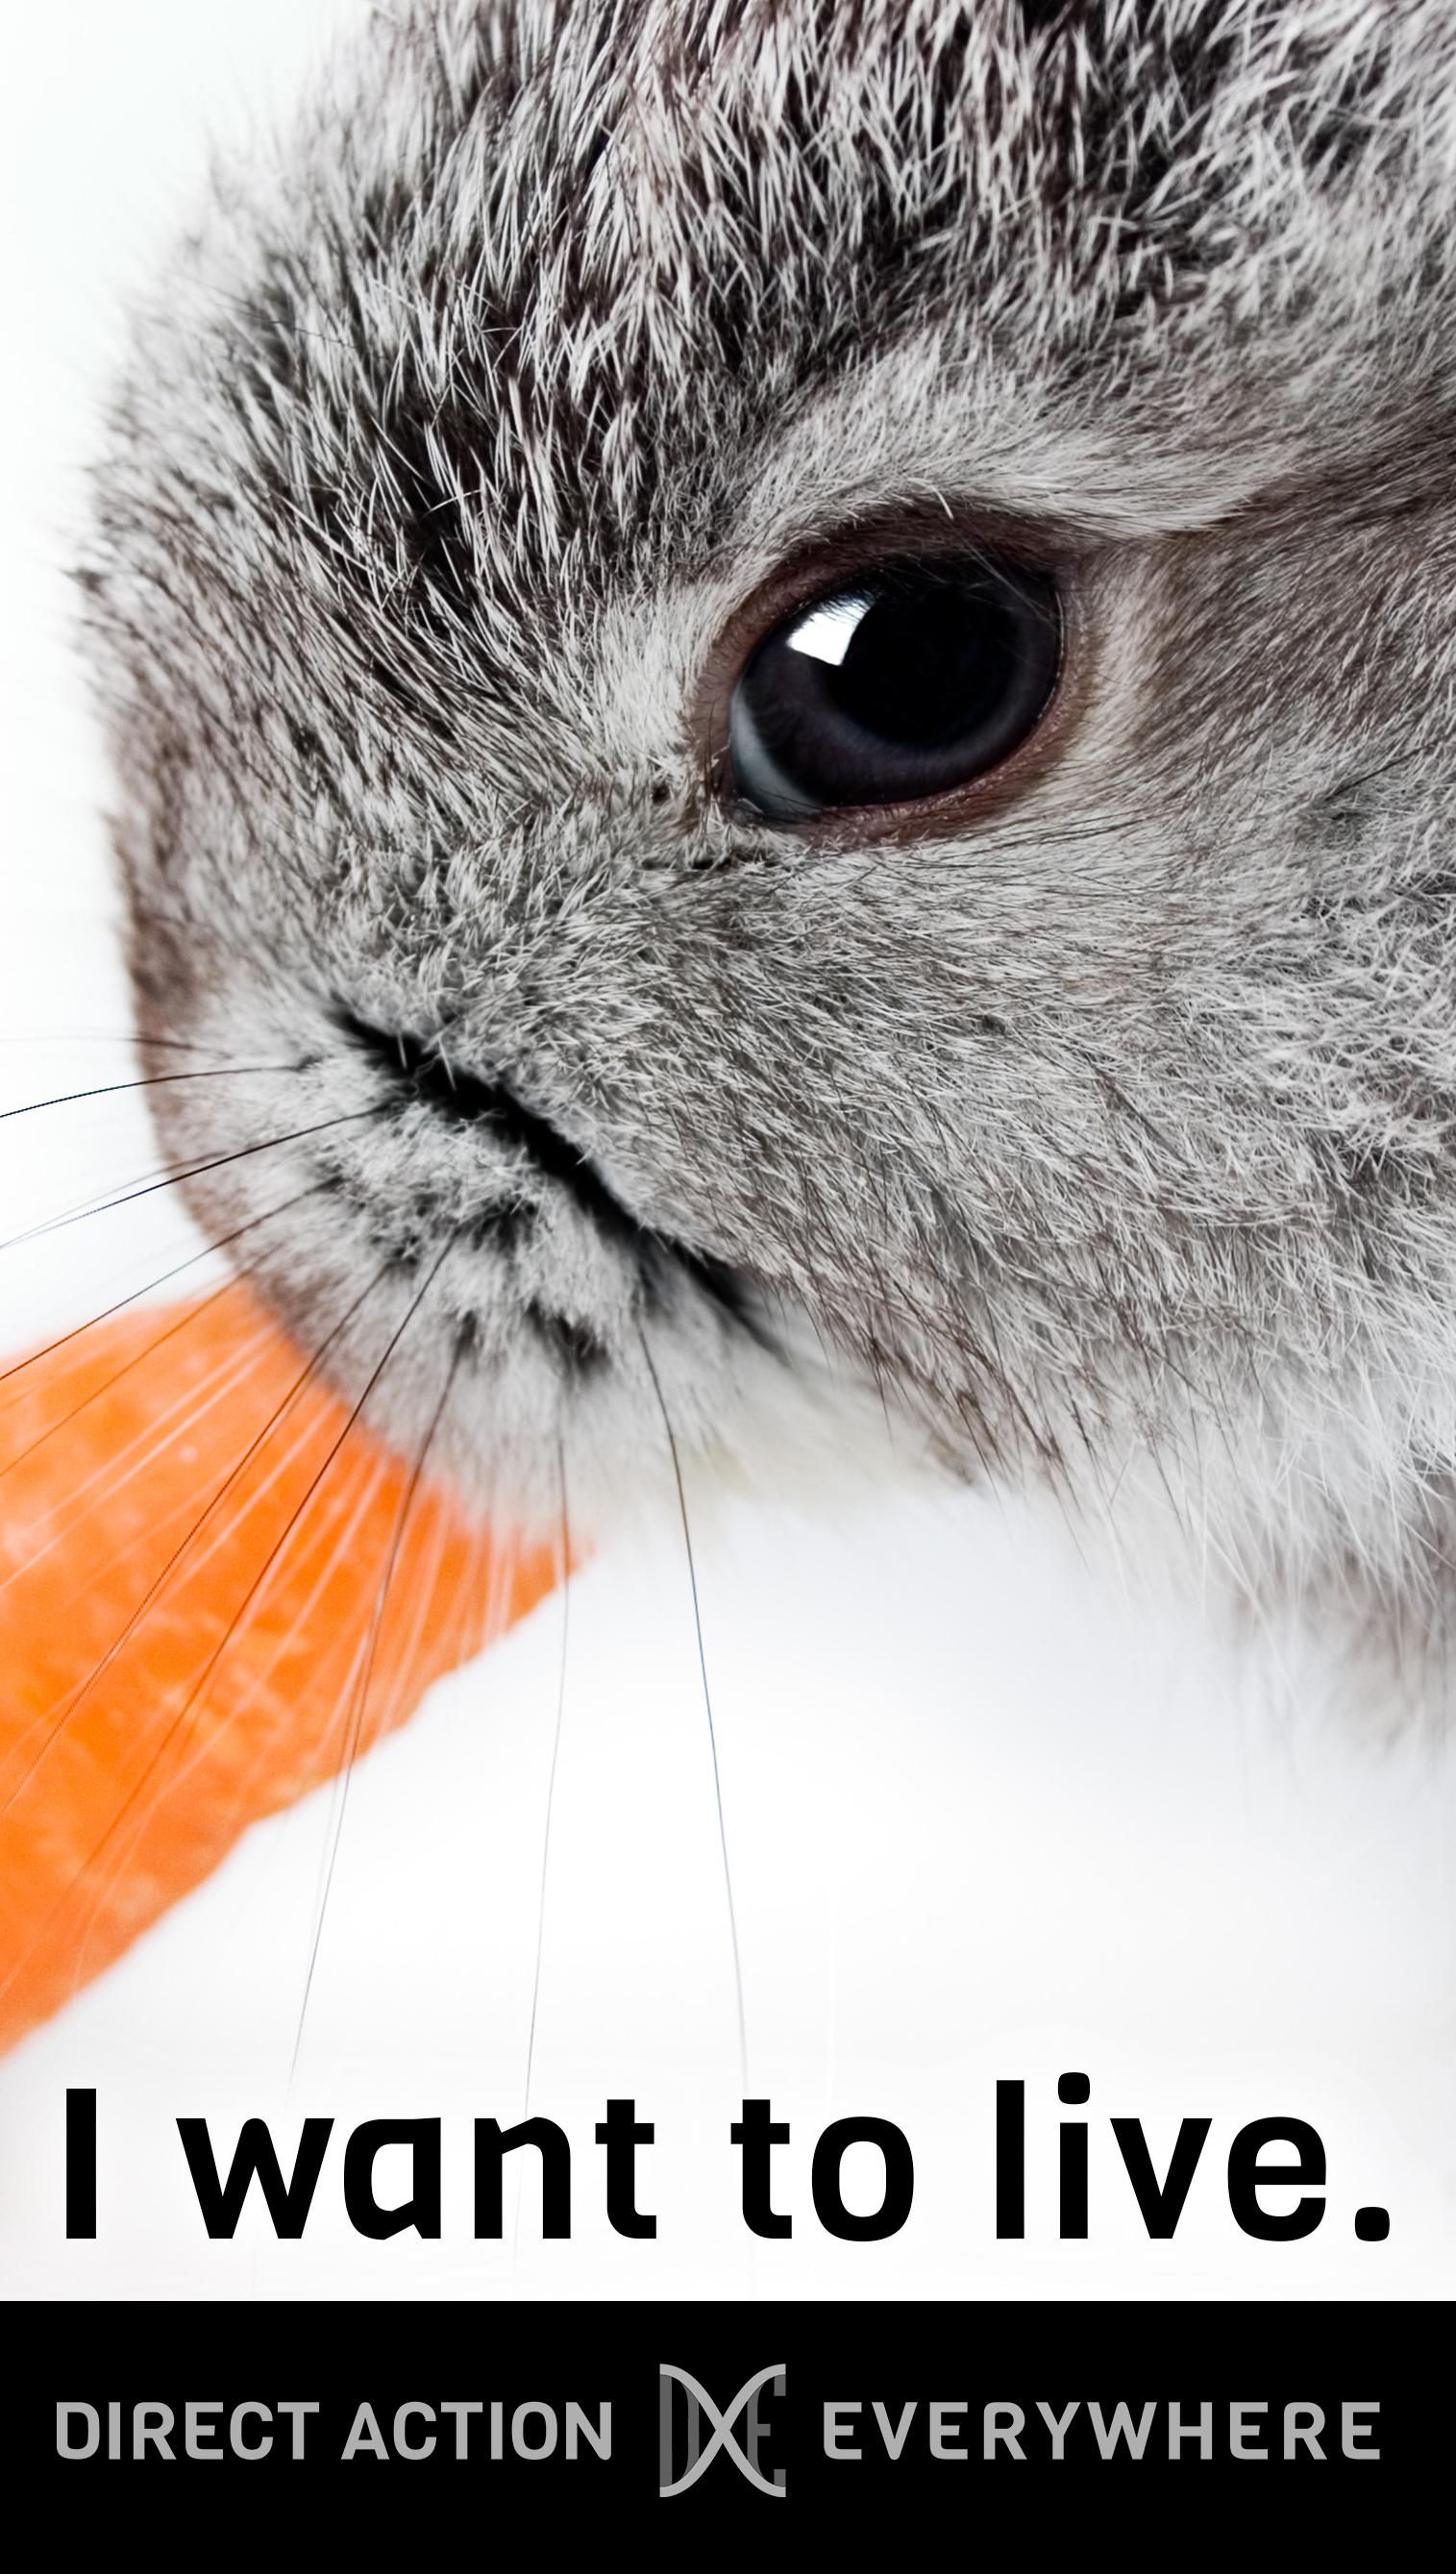 iwanttolive_rabbit.jpg